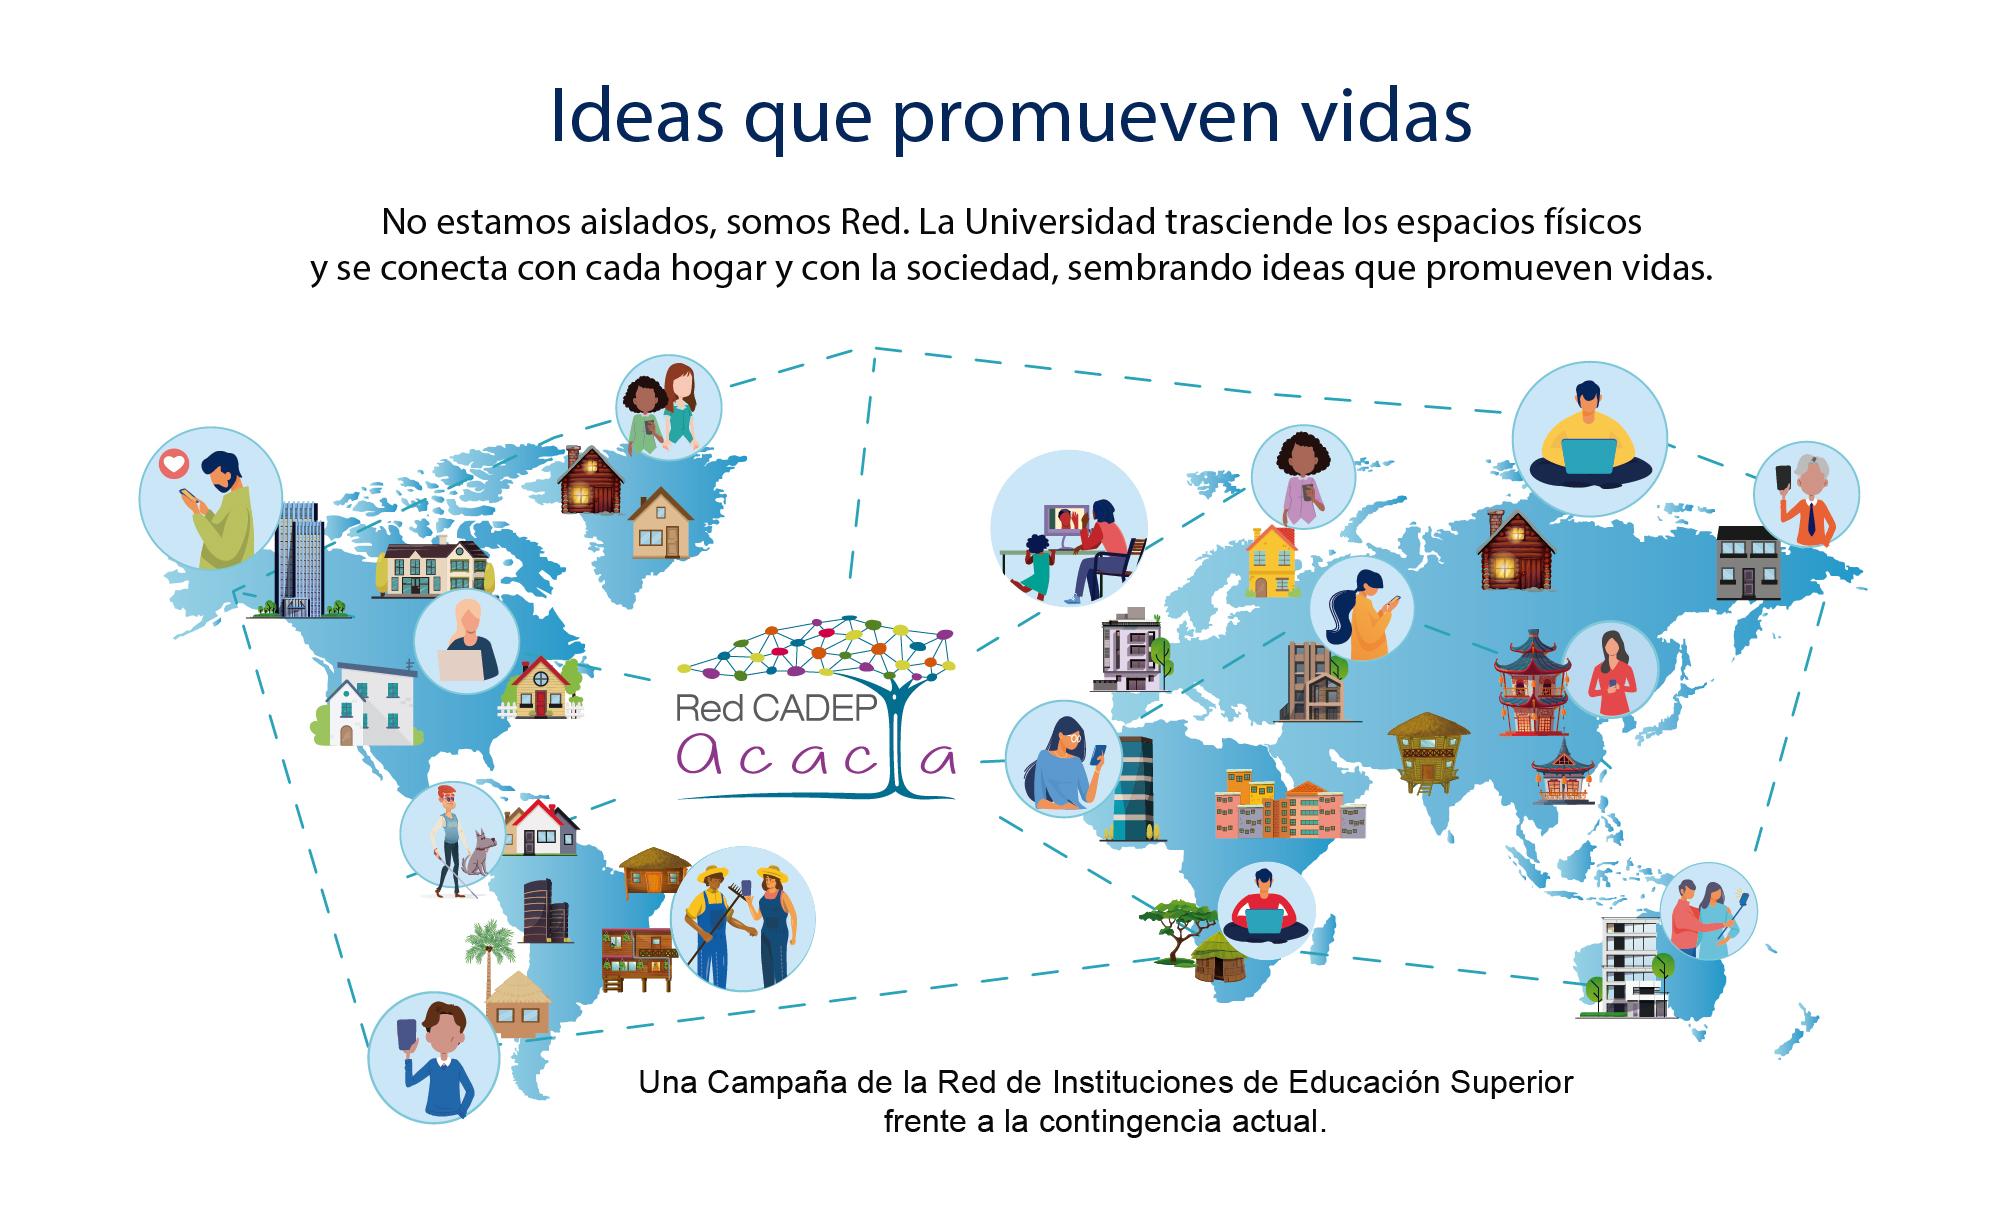 Ideas que promueven vidas una campaña de la red